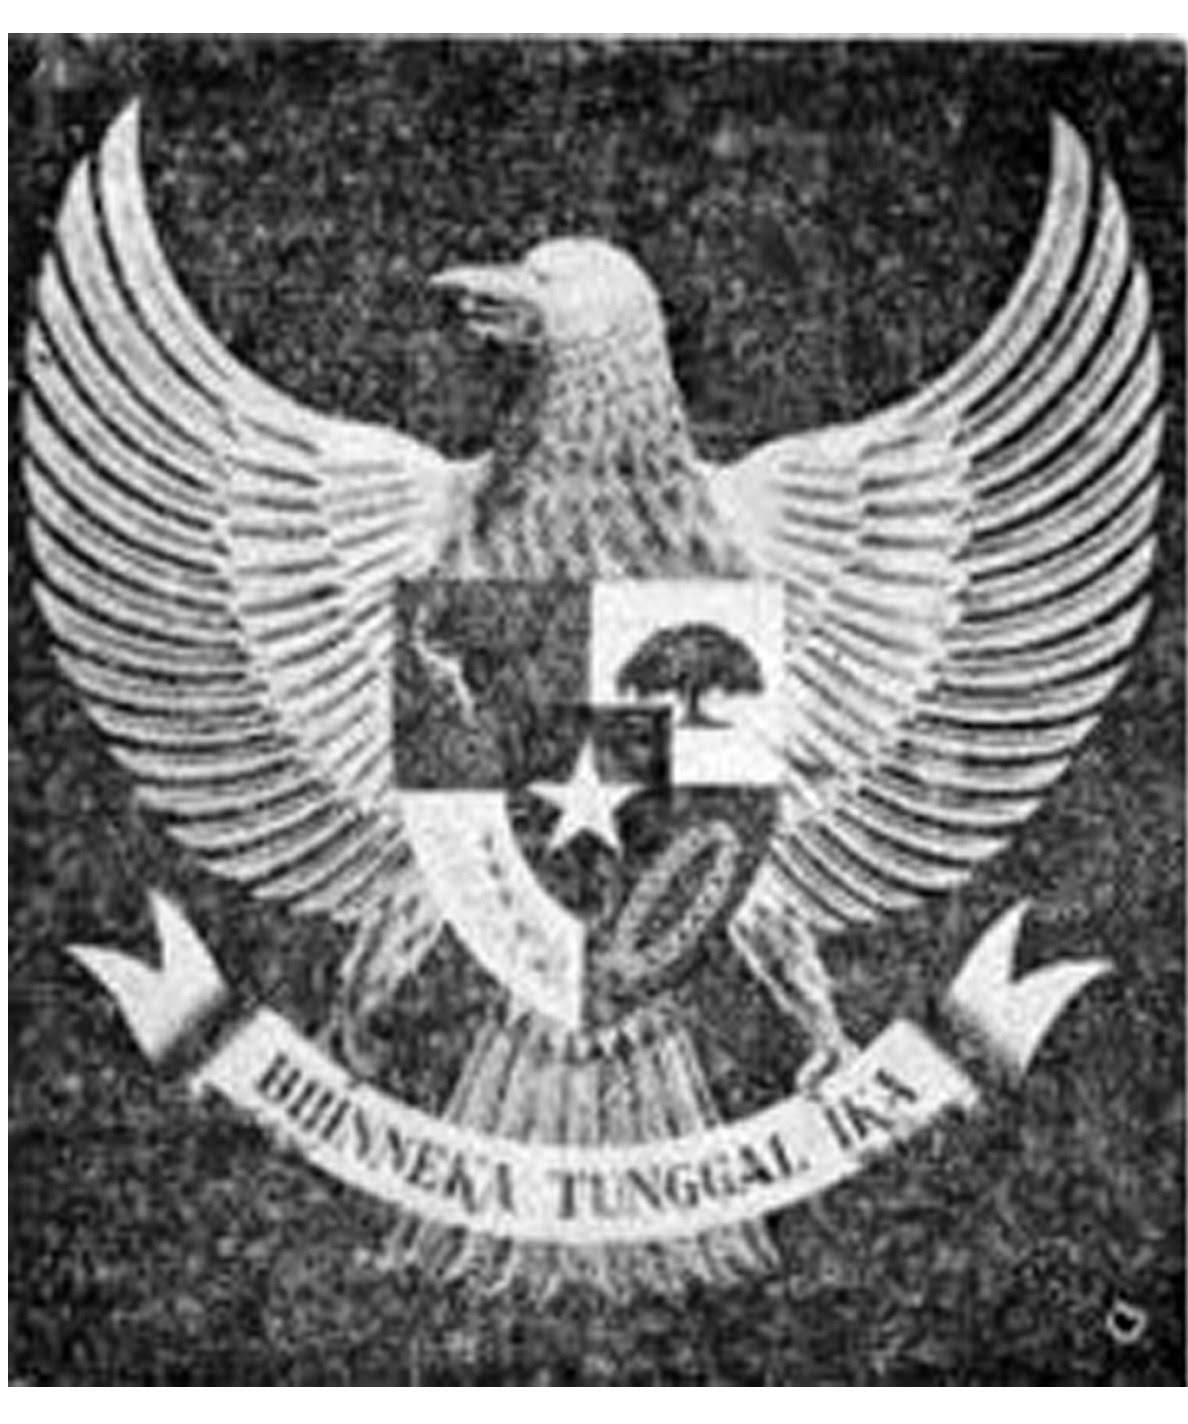 rancangan garuda pancasila sultan hamid ii